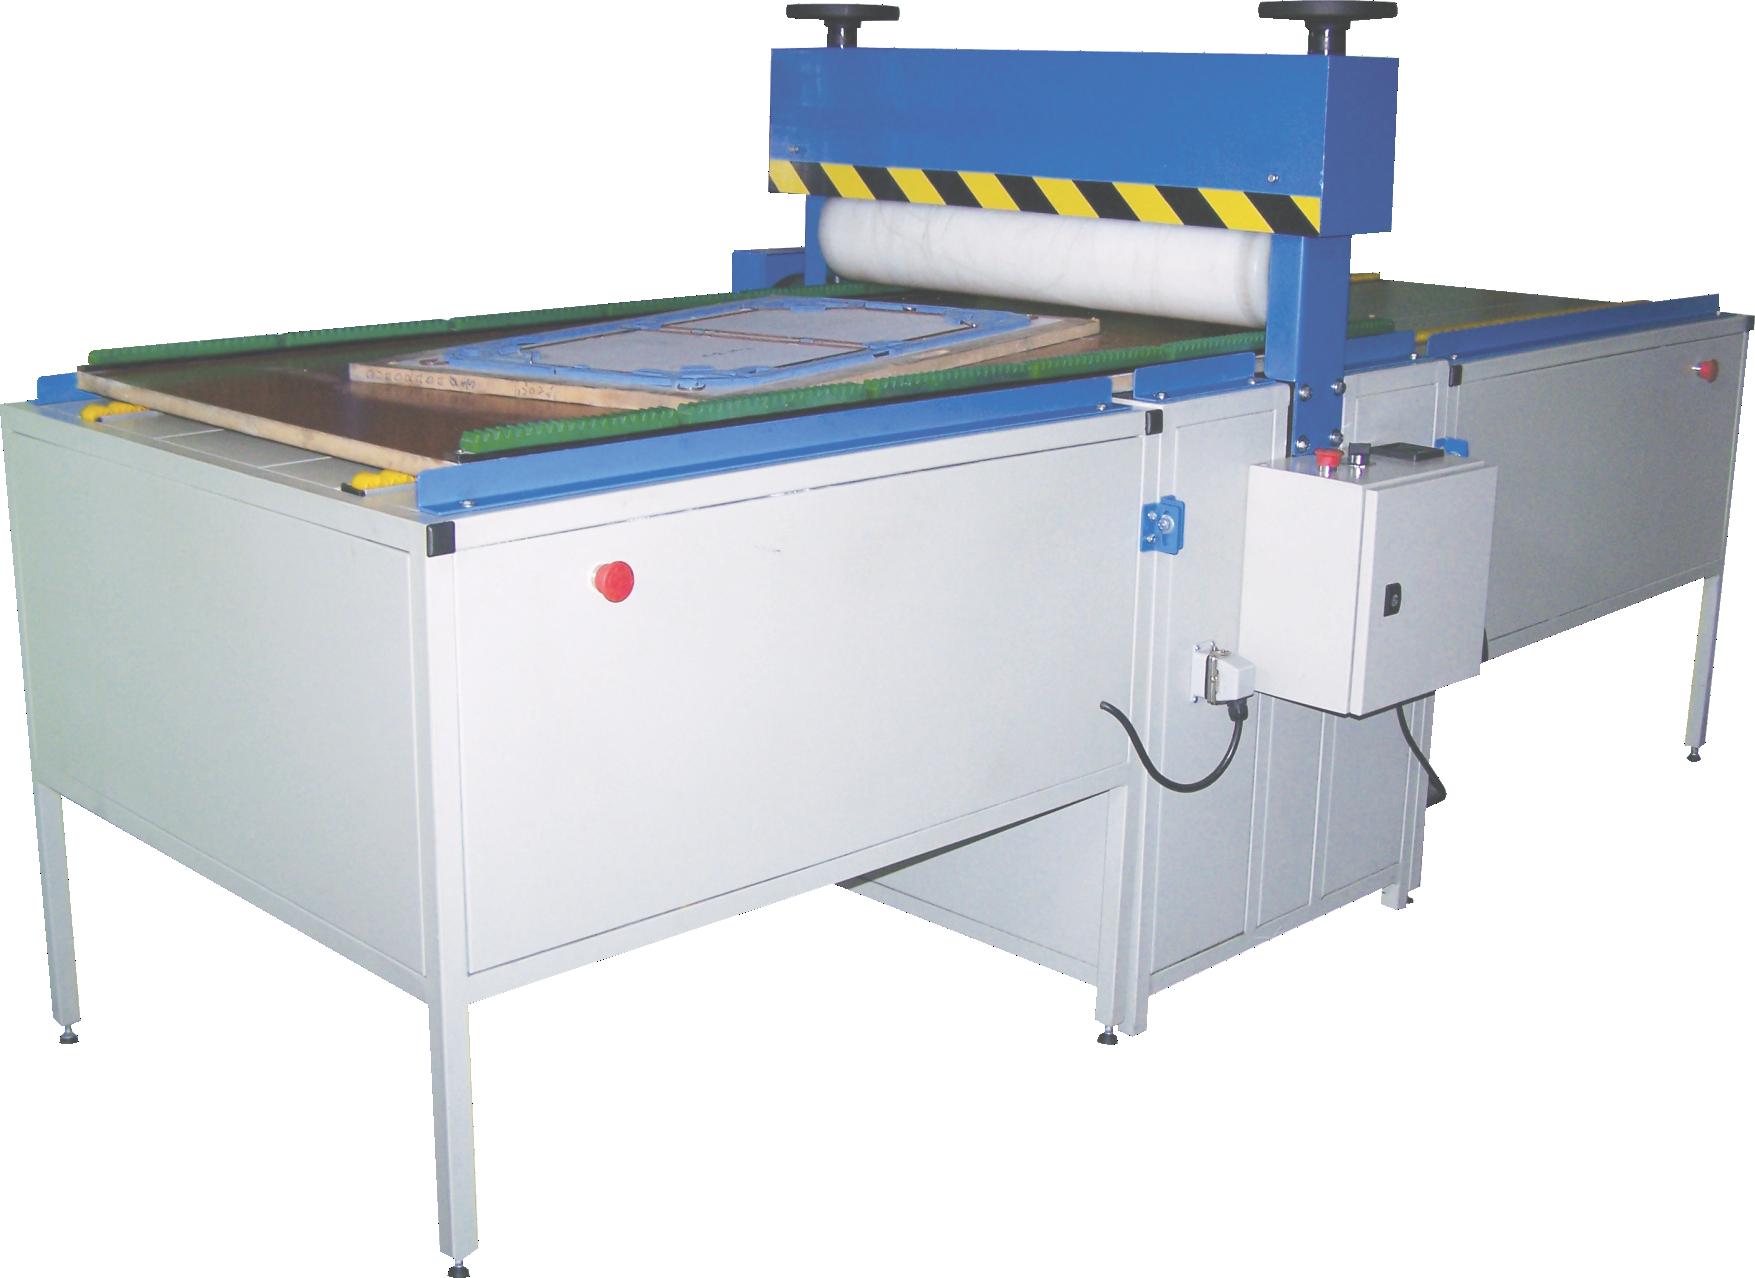 804dac382 Máquina de Corte e Vinco - Equipamentos para Embalagens